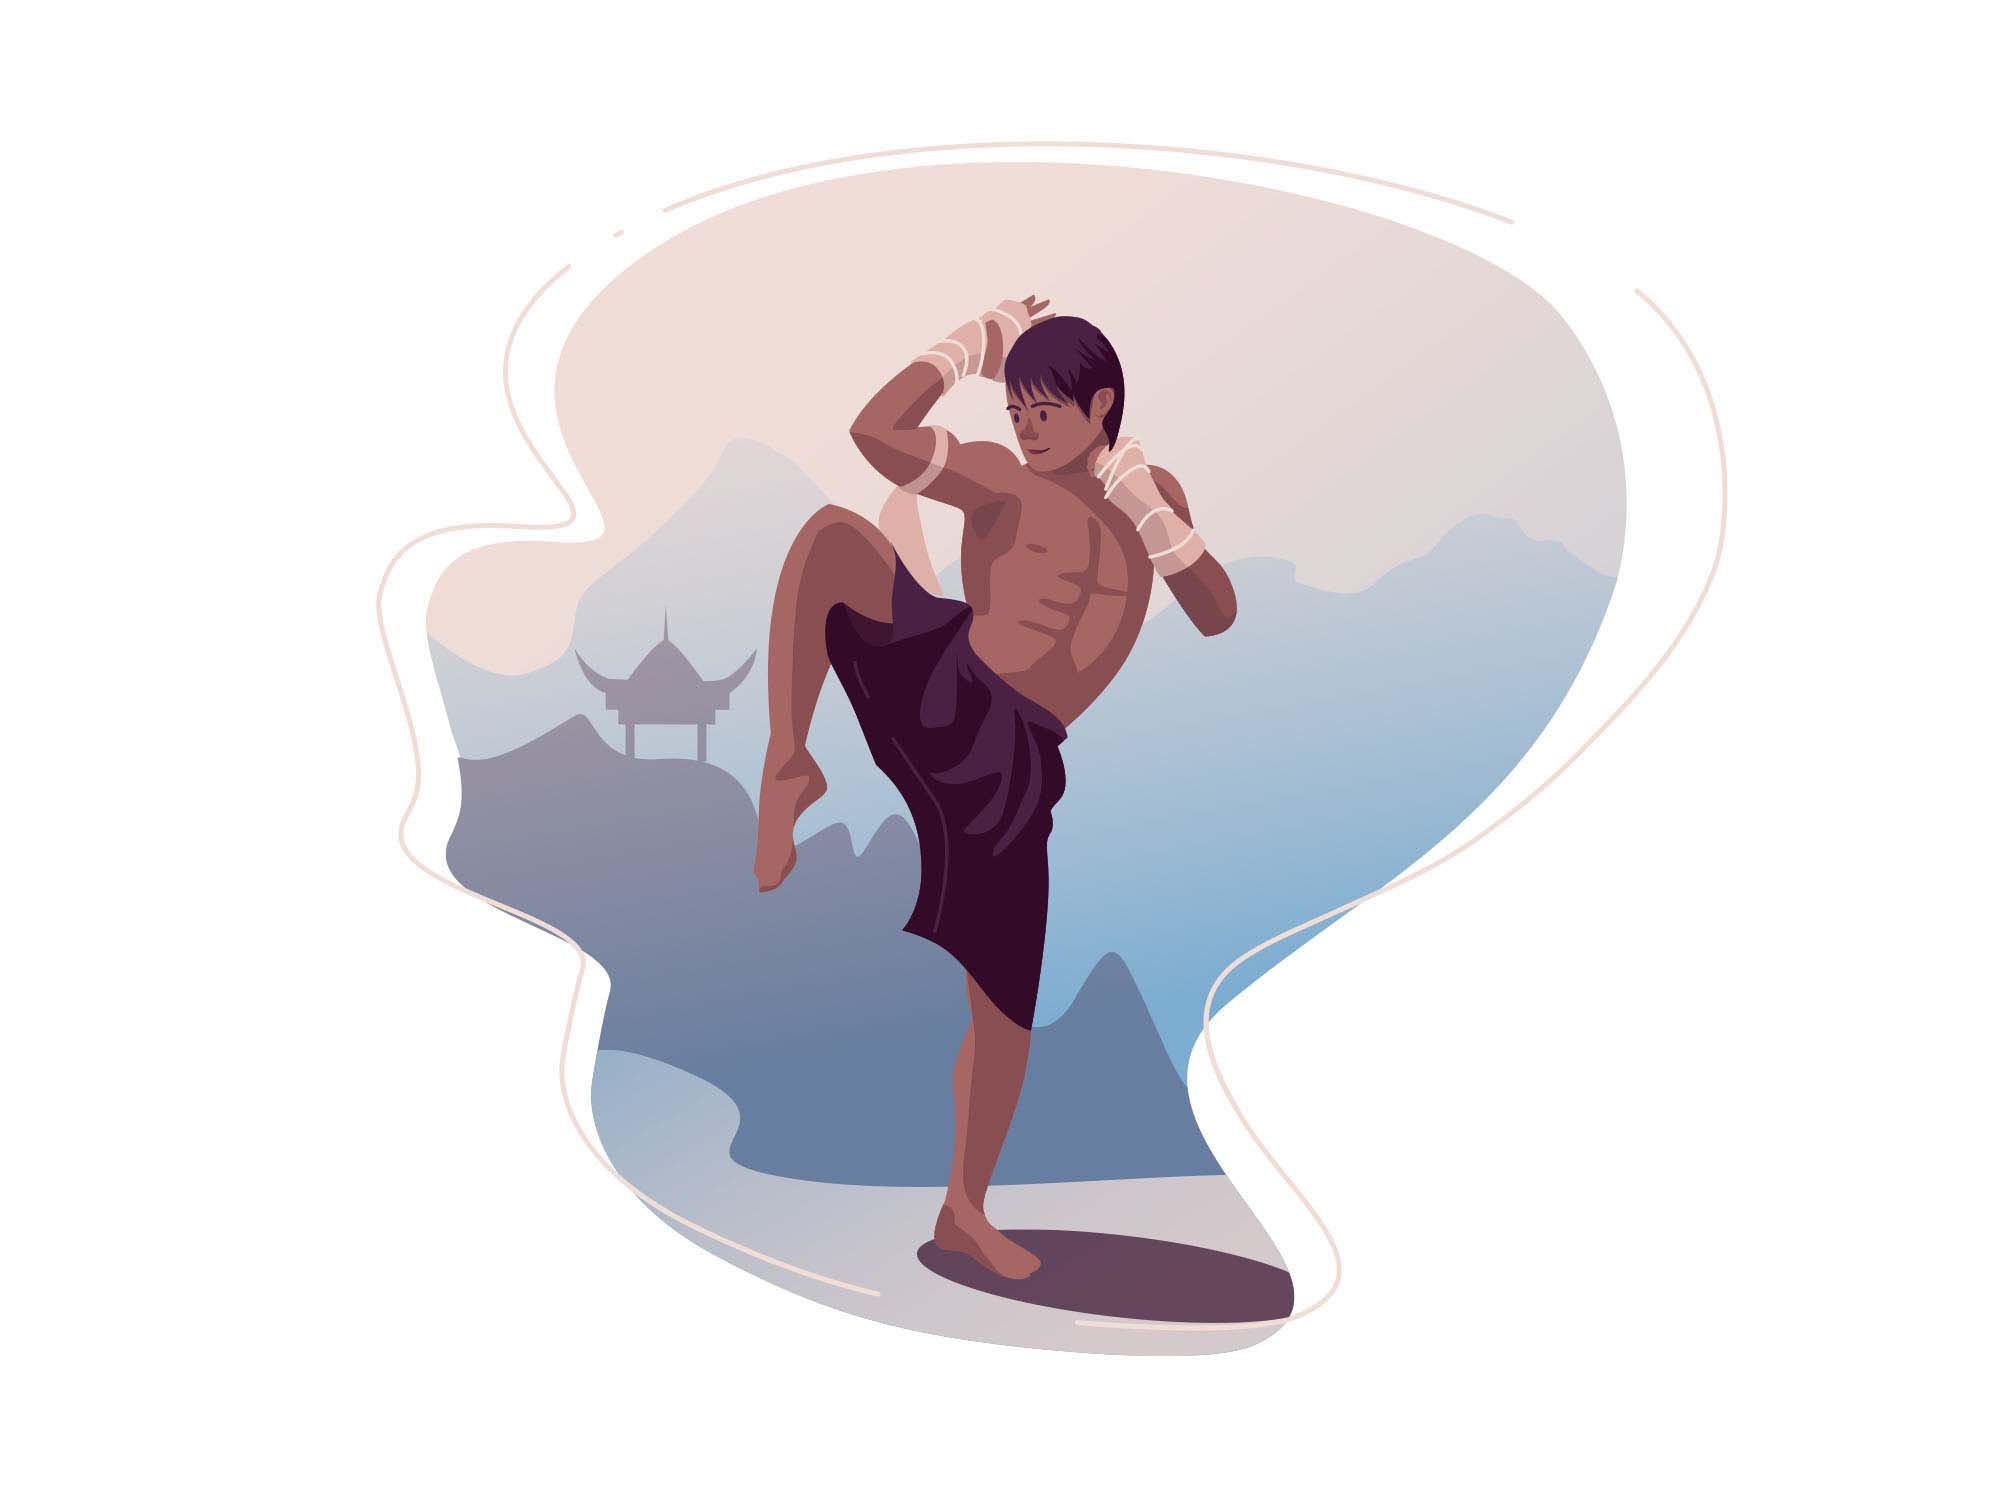 Muay Thai Fighter Illustration